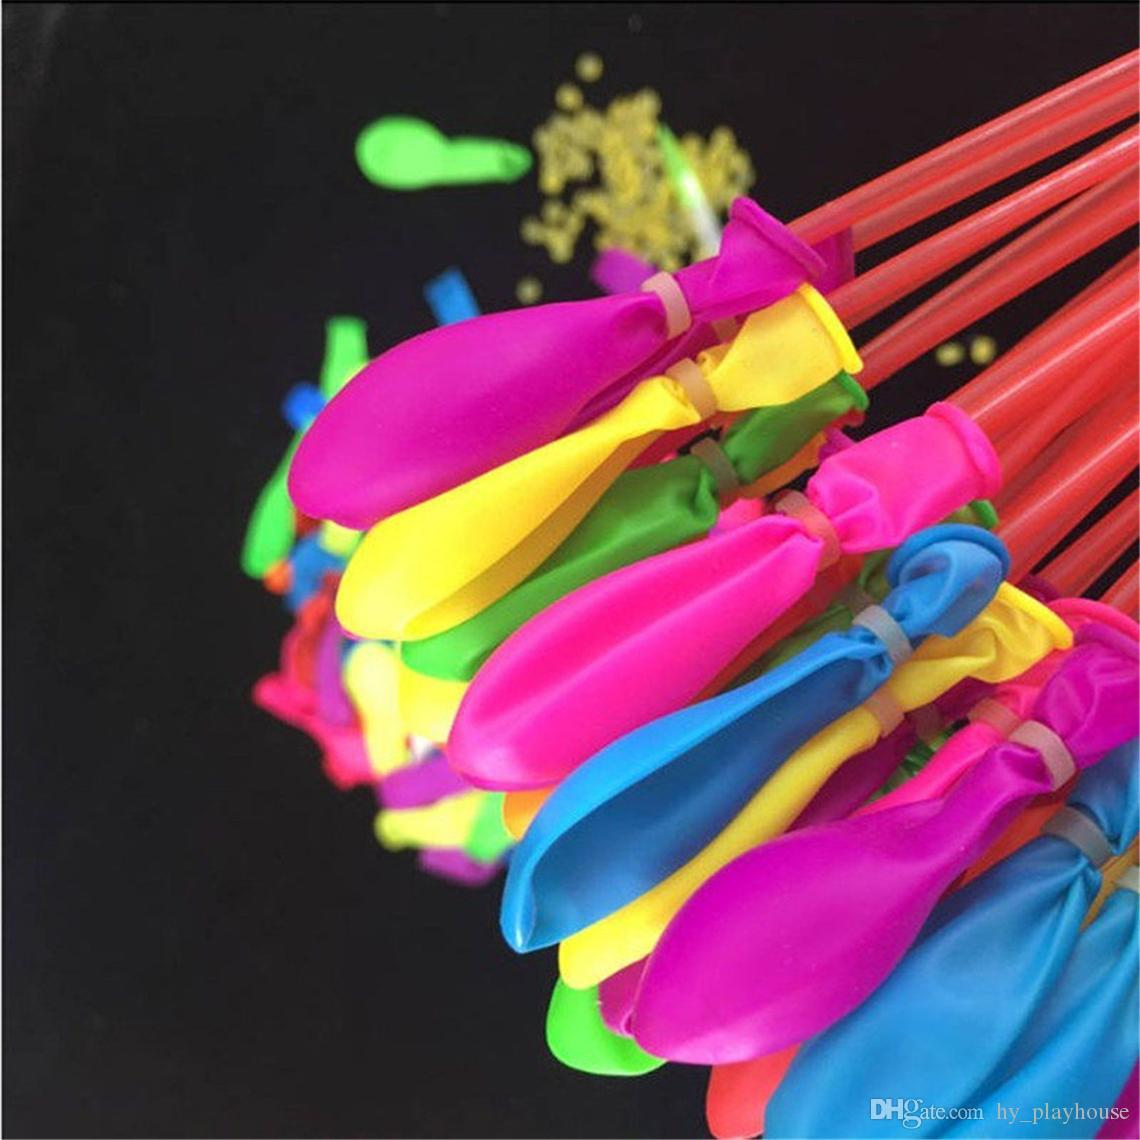 1Set = 111 stücke Sommer Magie Bunte Wasser Ballon Kinder Strand Party Outdoor Spielzeug Wasser Bomben Ballon Kinder Neuheit Gag Spiel TXUBR